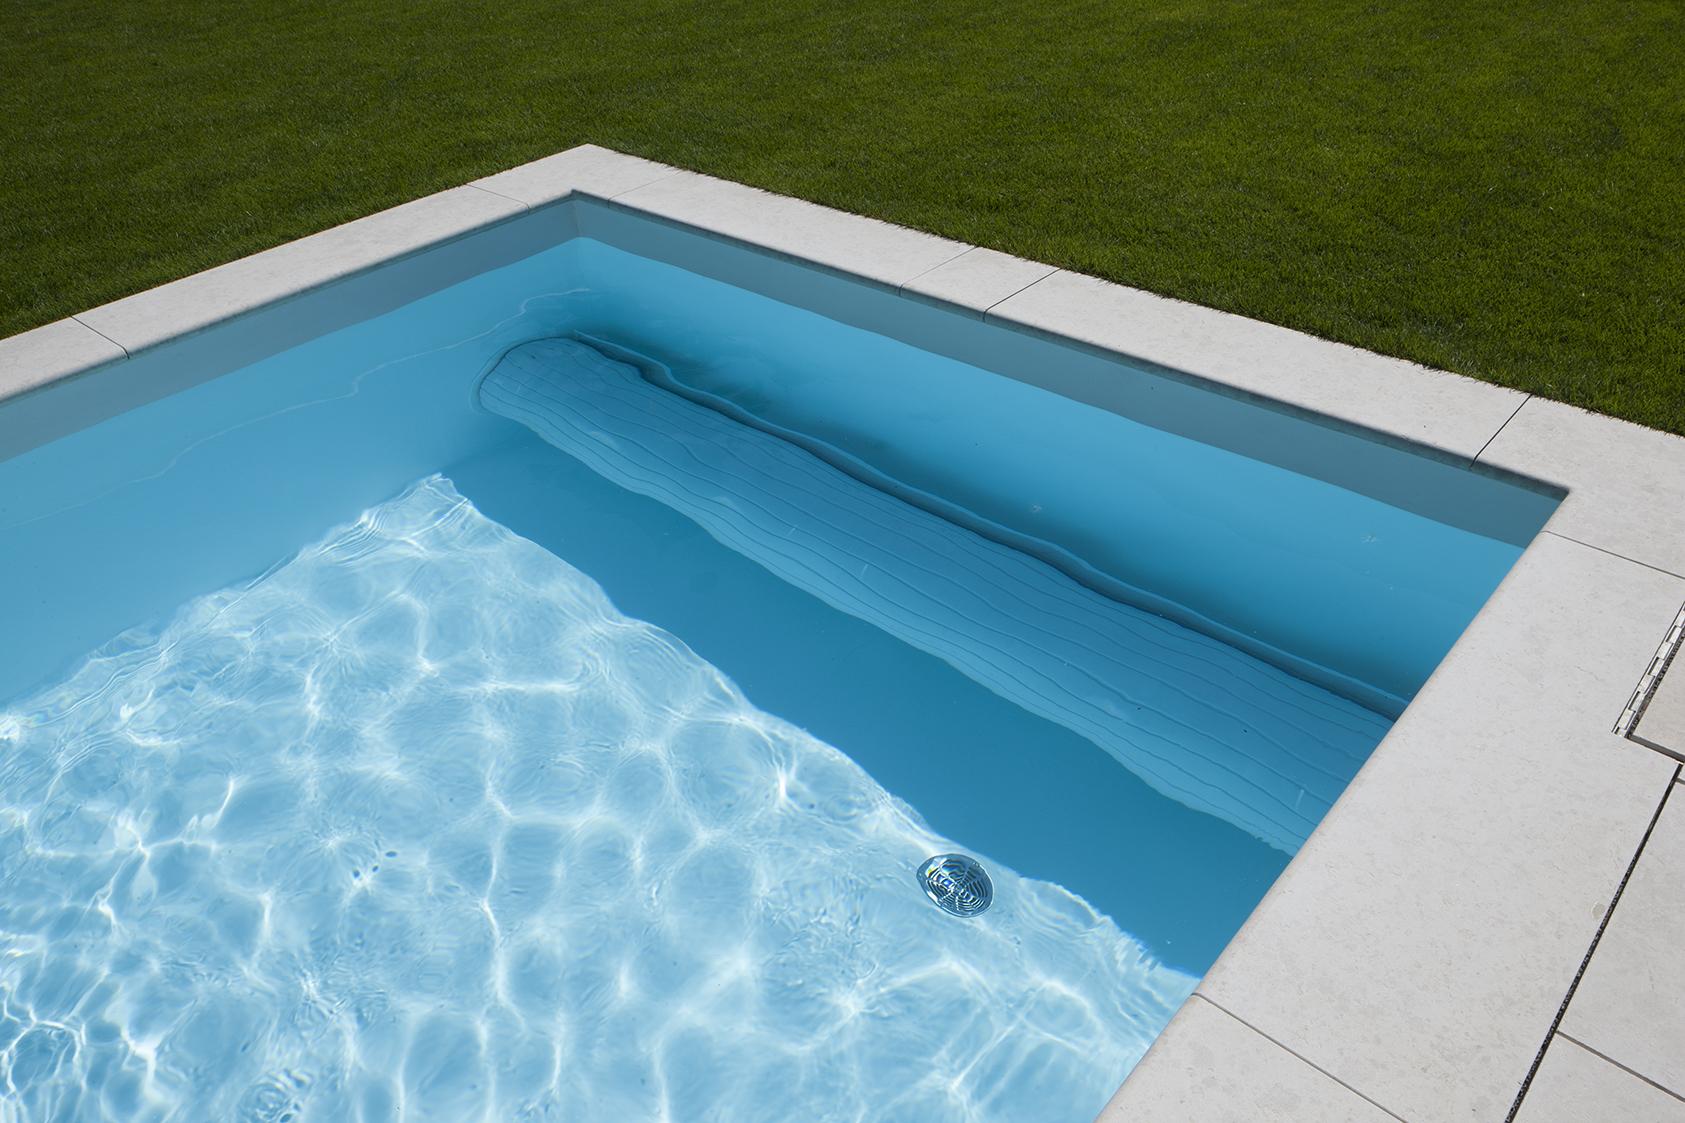 Pool Abdeckung im Wasser